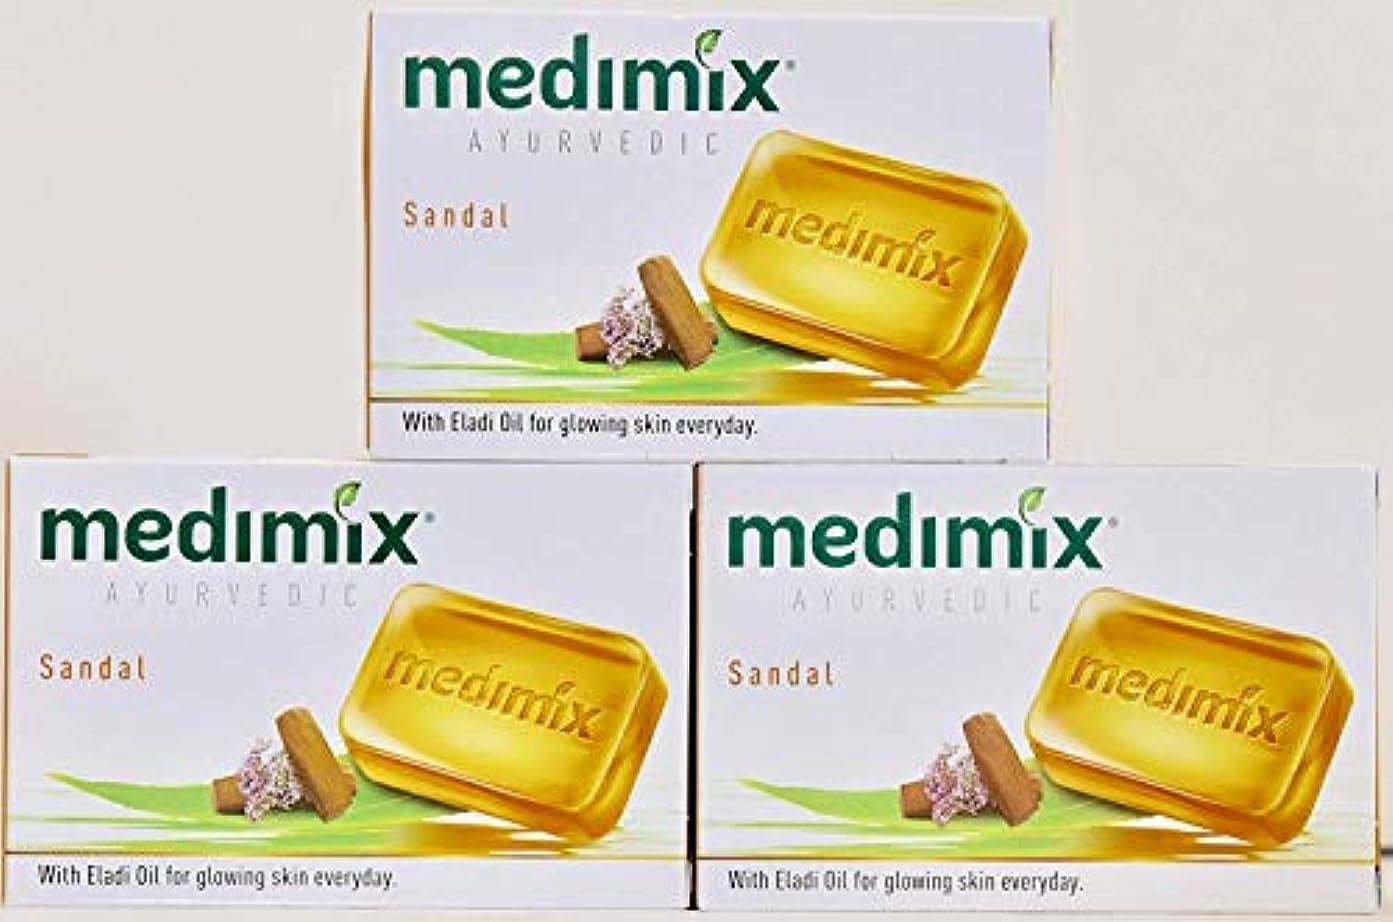 モバイル矛盾コンサートmedimix メディミックス サンダル 3個入り 125g(旧クラシックオレンジ)